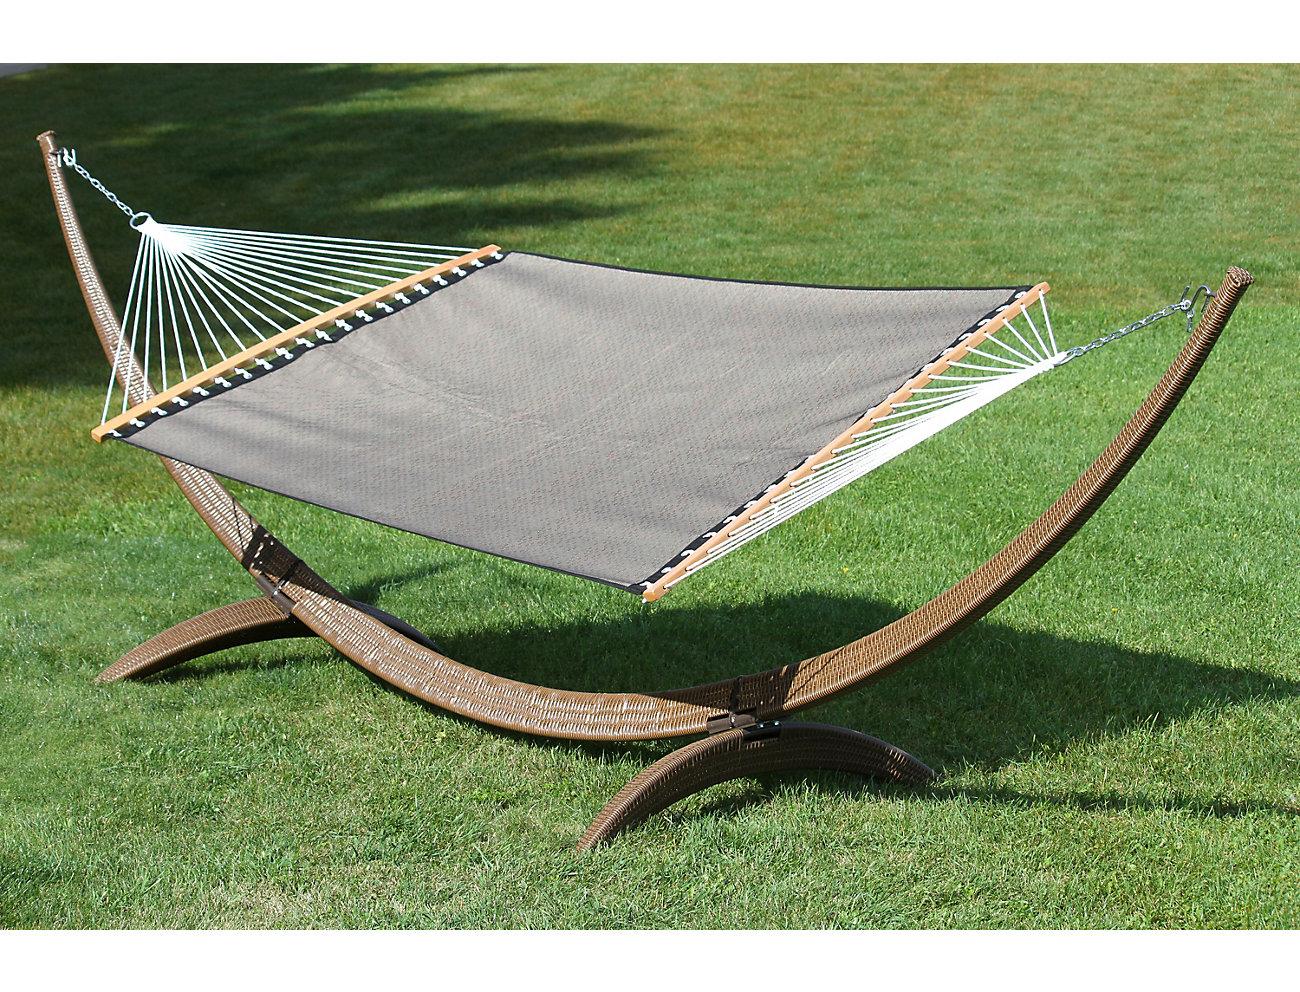 Buying a hammock